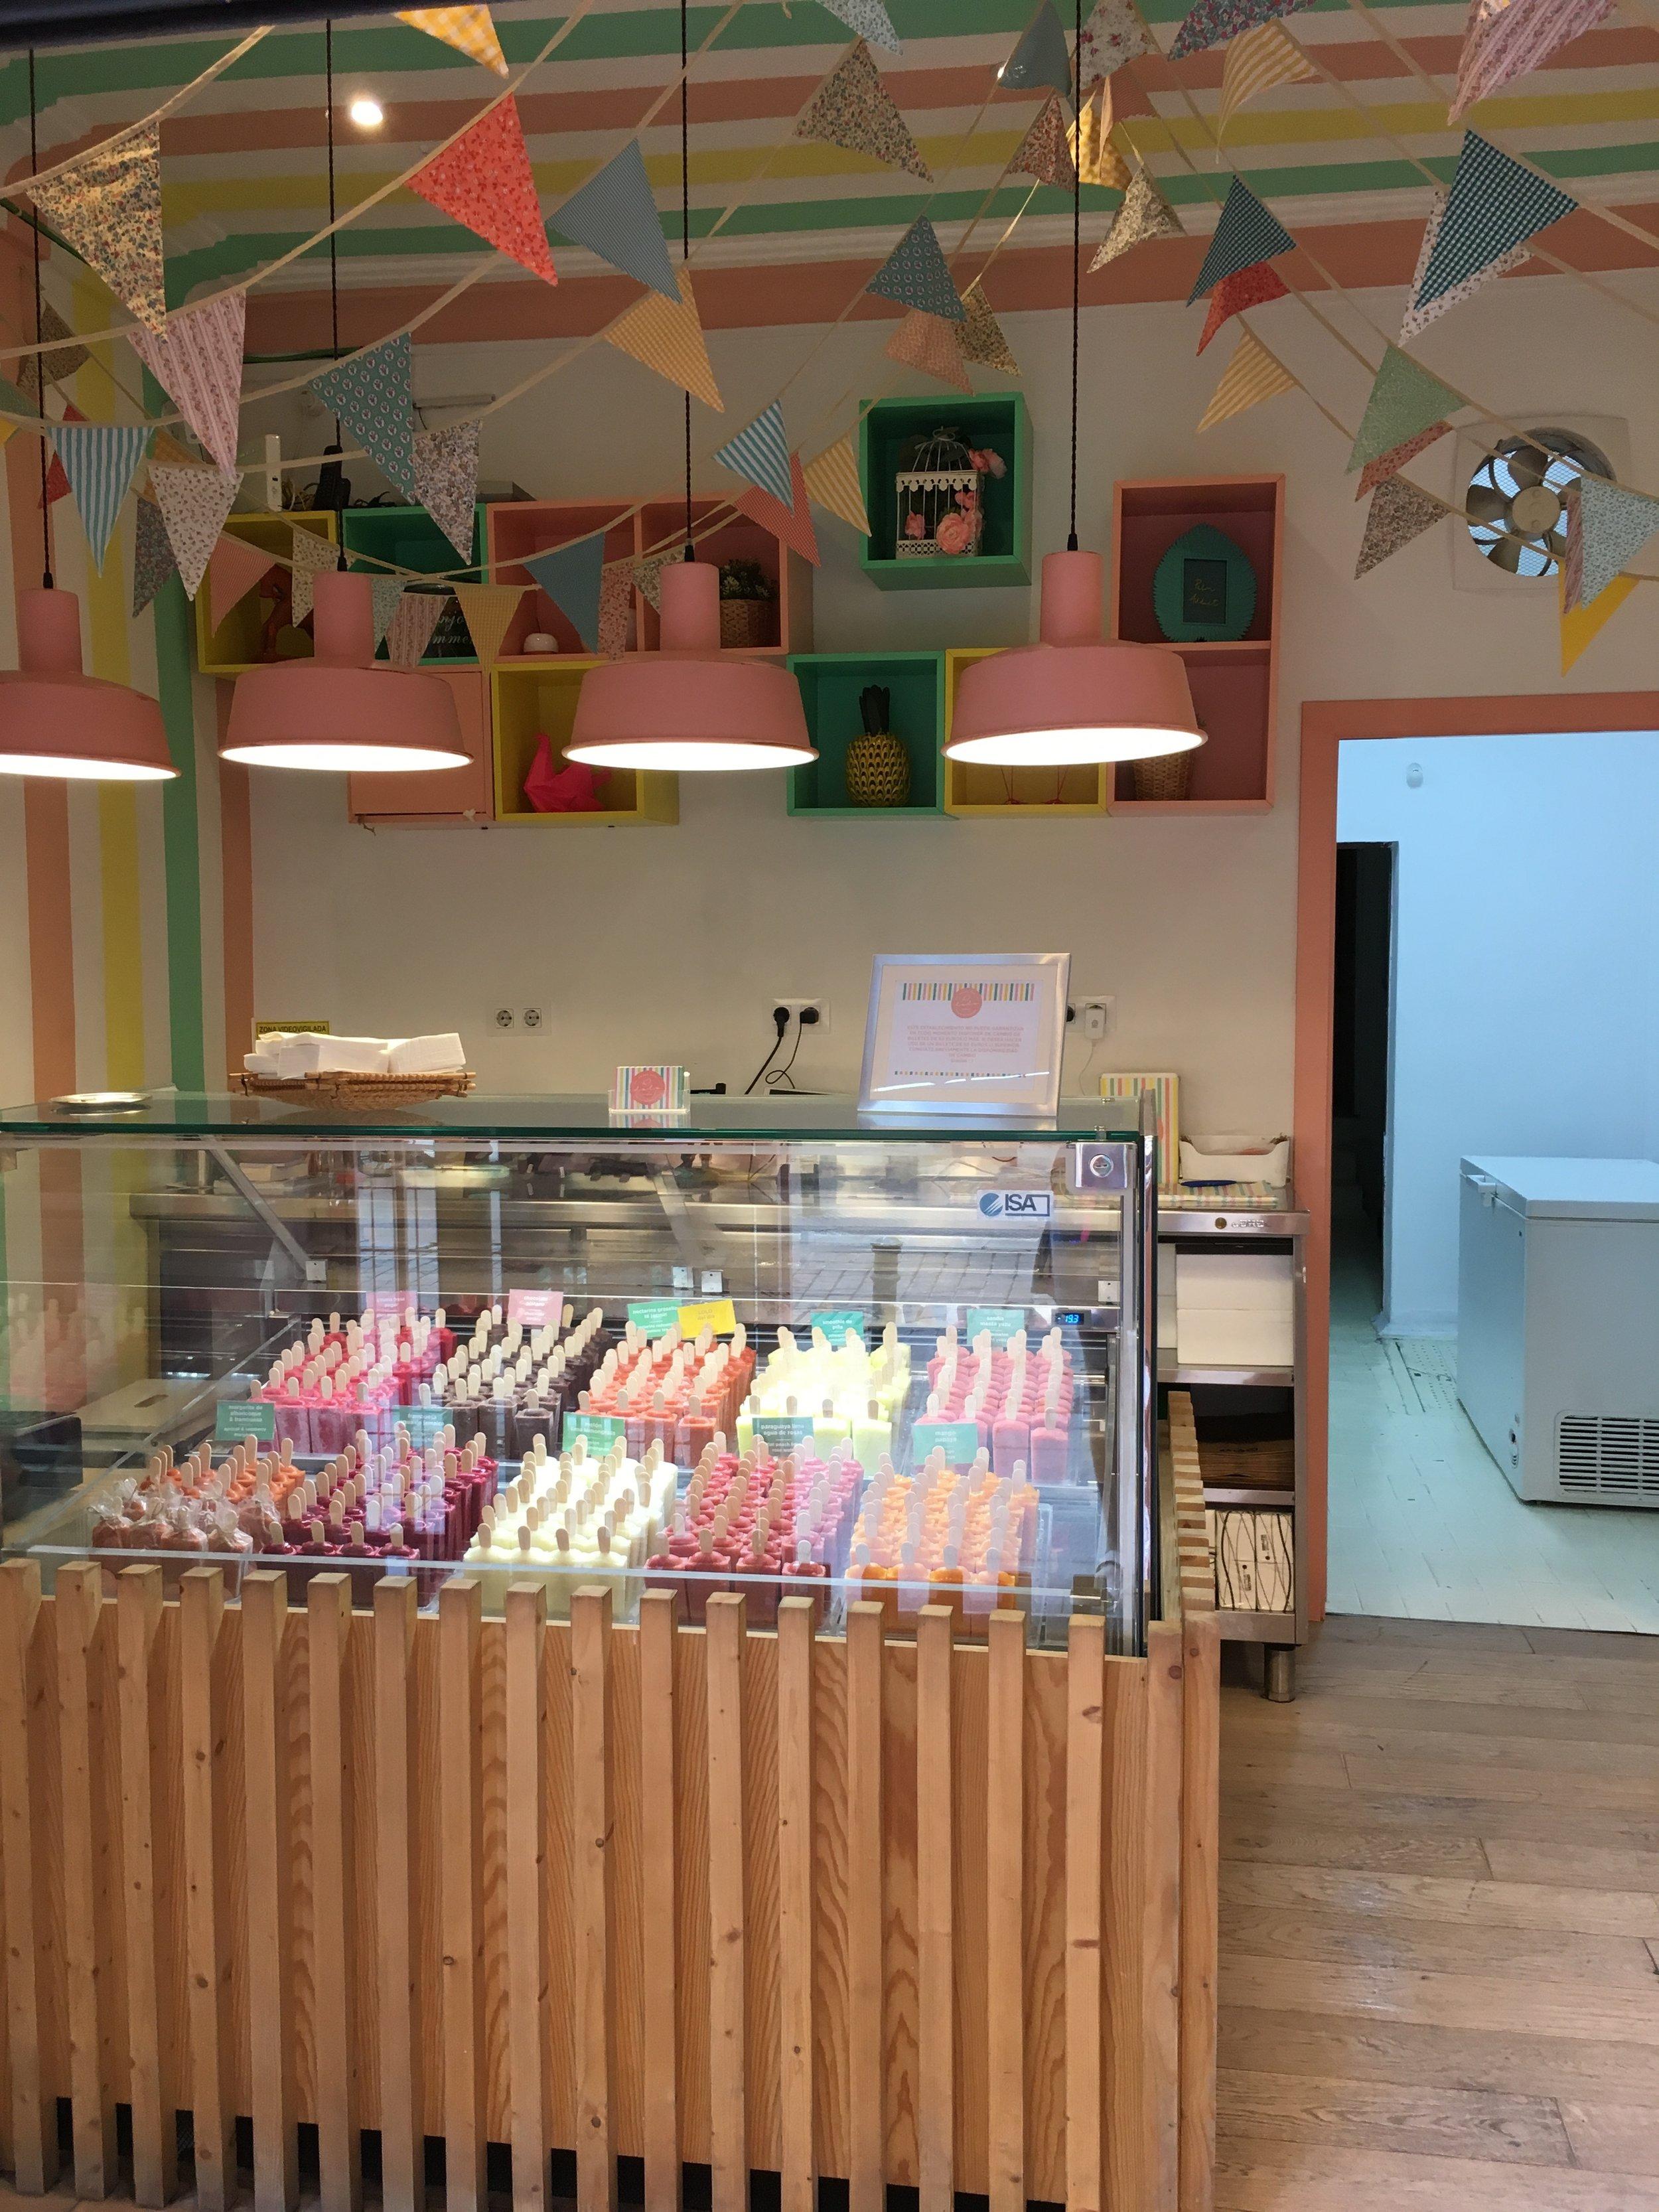 Lolo Polos Artesanos - Calle Espiritu Santo, 16 - an amazing ice lolly shop